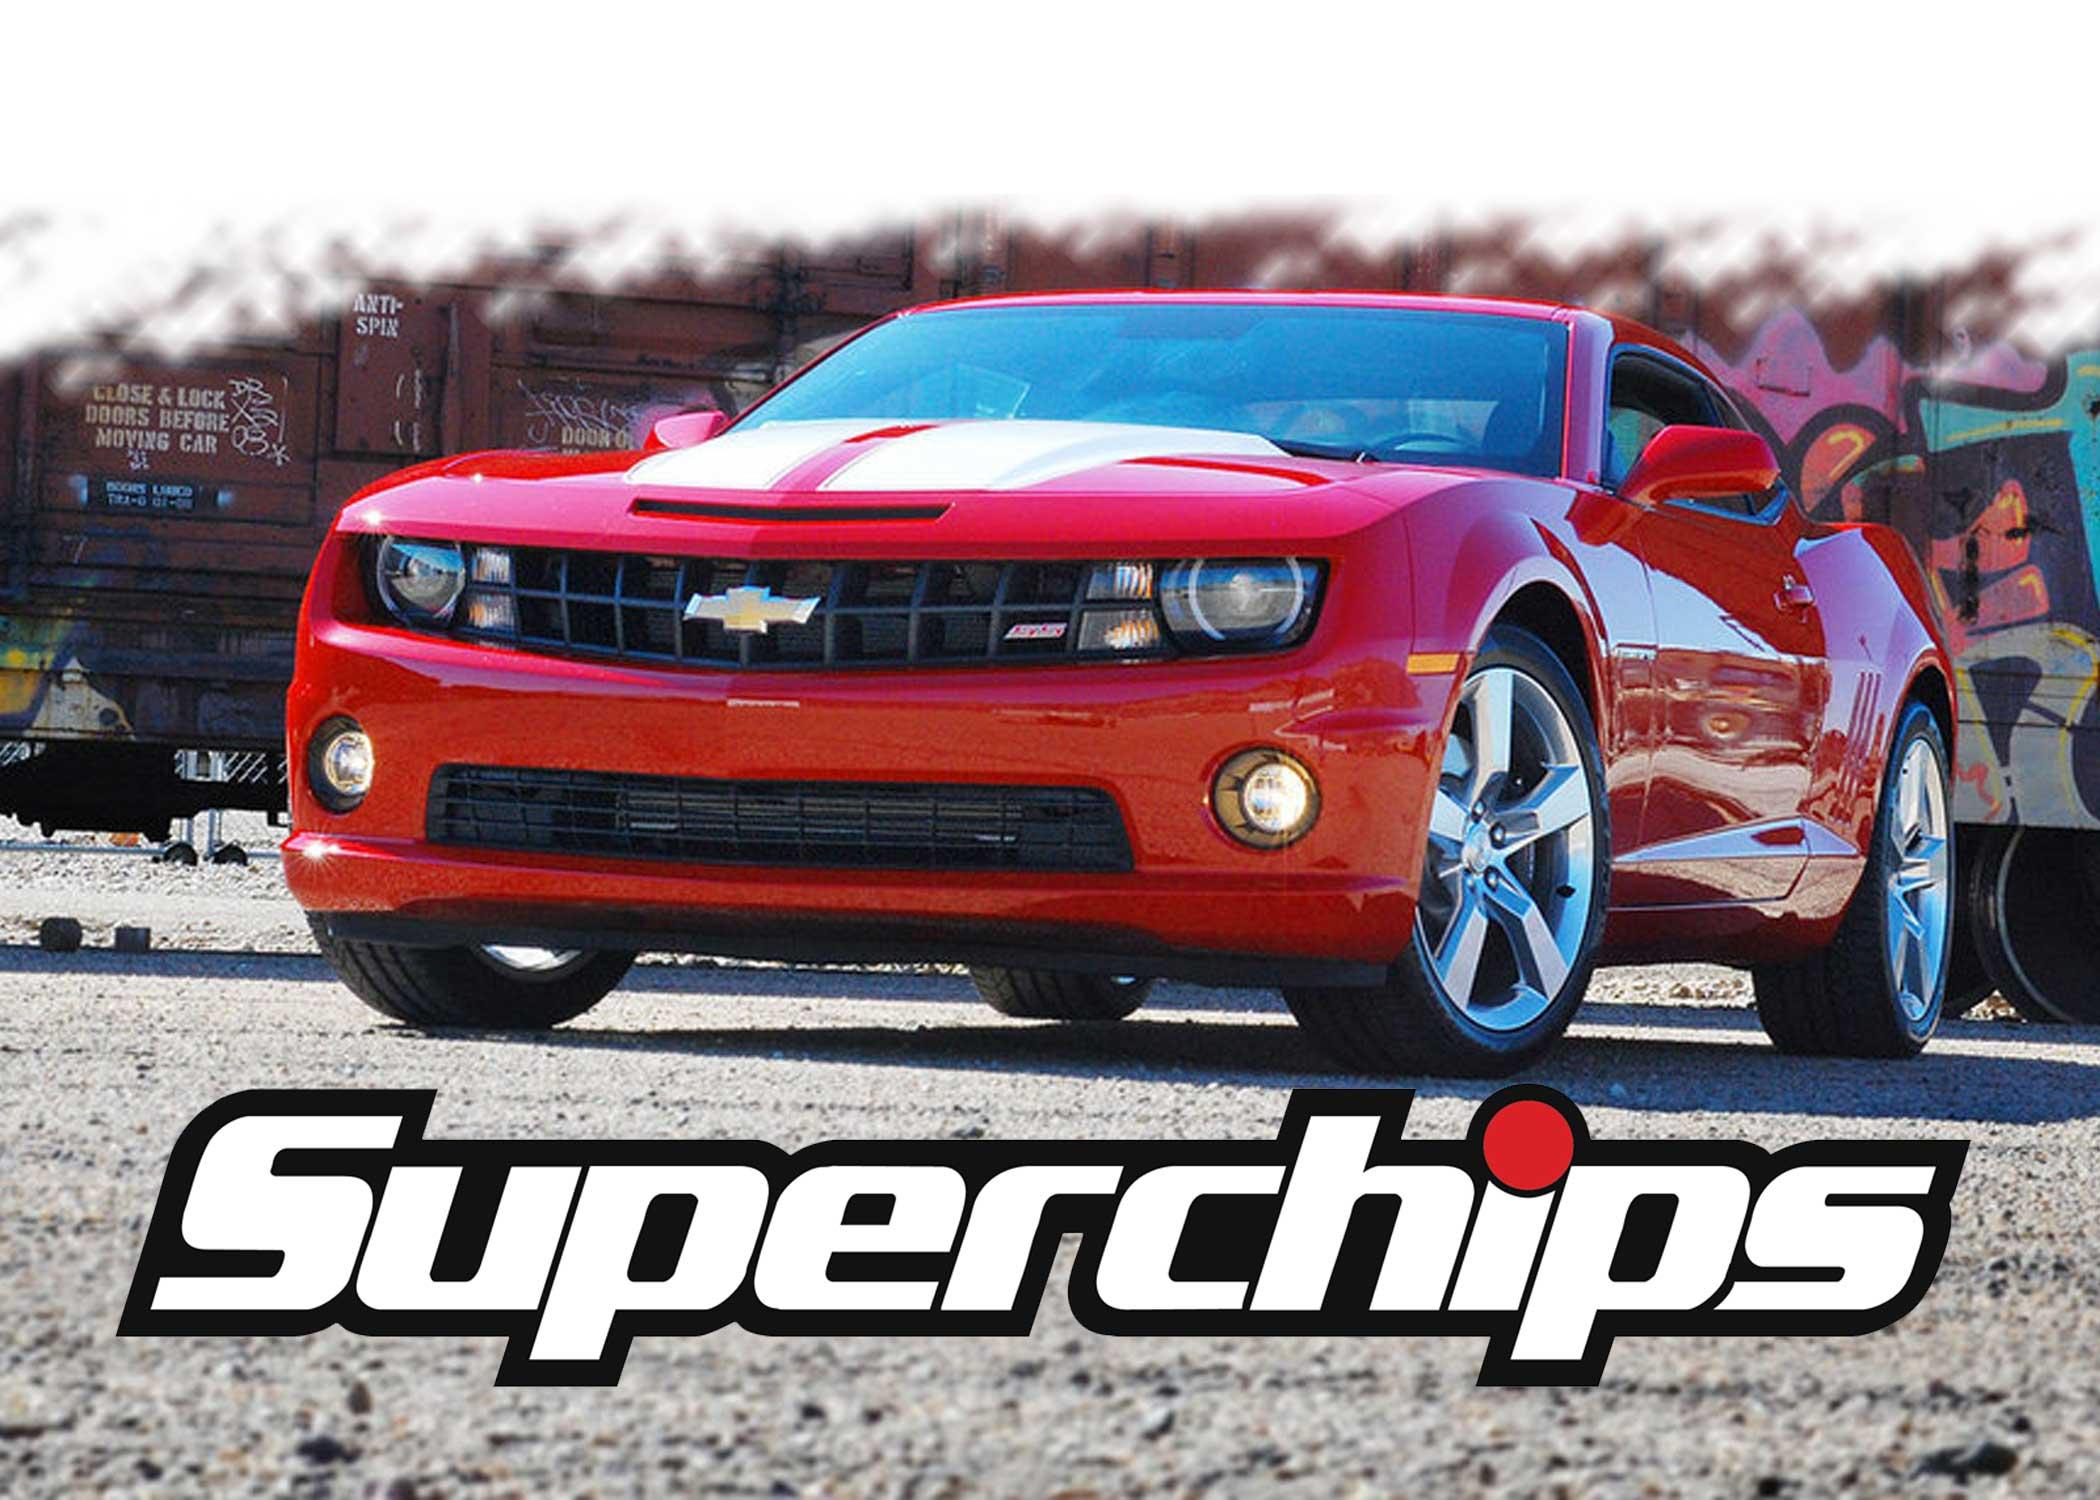 Superchips Auto